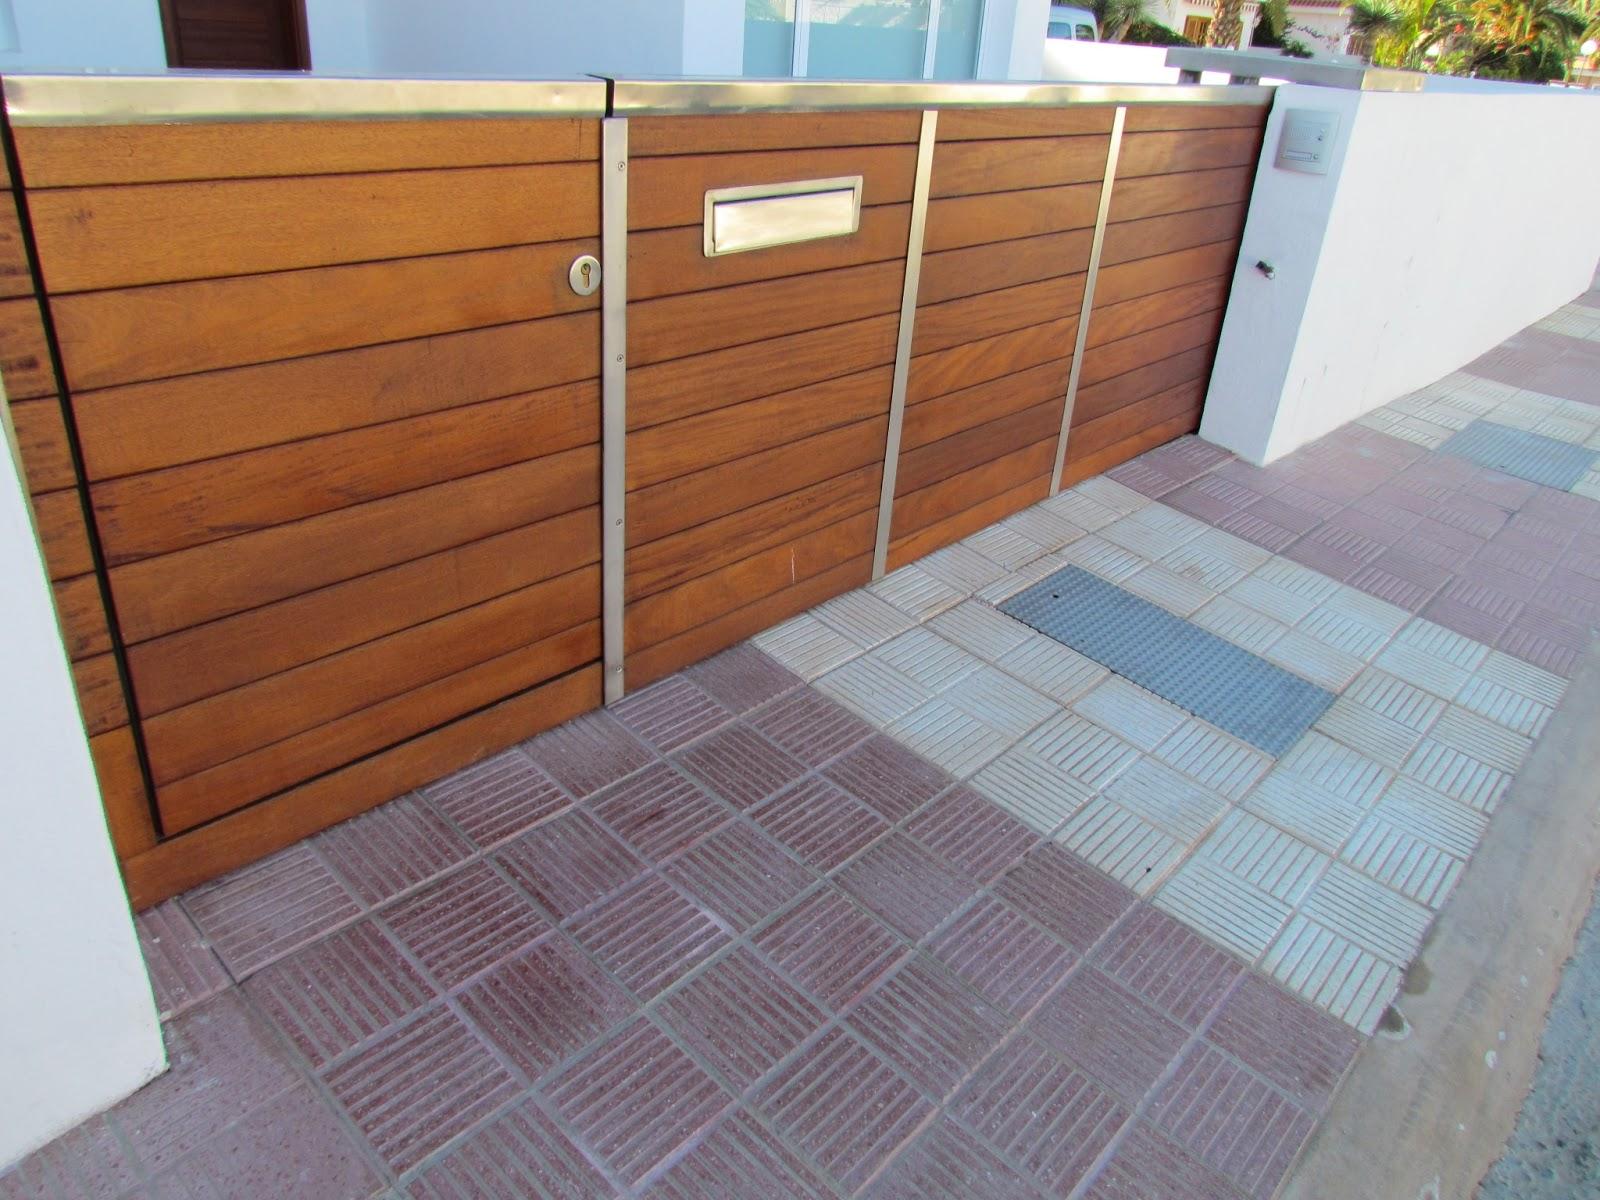 Puertas garaje tenerife modelos y materiales de puertas for Puertas de garaje de madera